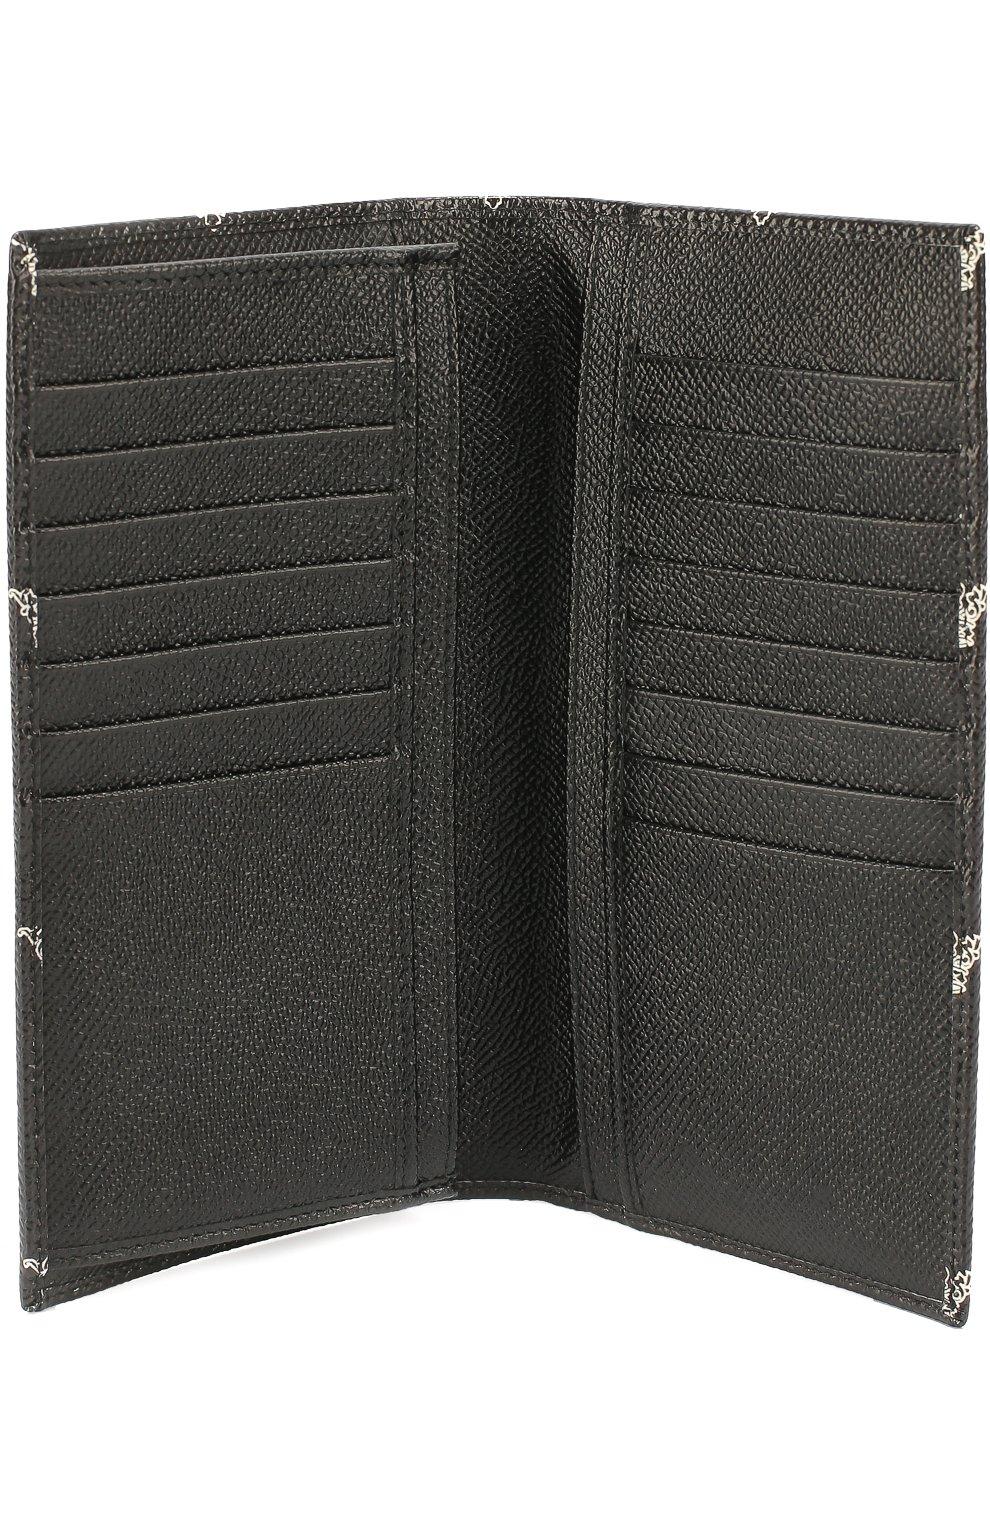 Кожаный бумажник с отделением для кредитных карт Dolce & Gabbana черного цвета | Фото №3